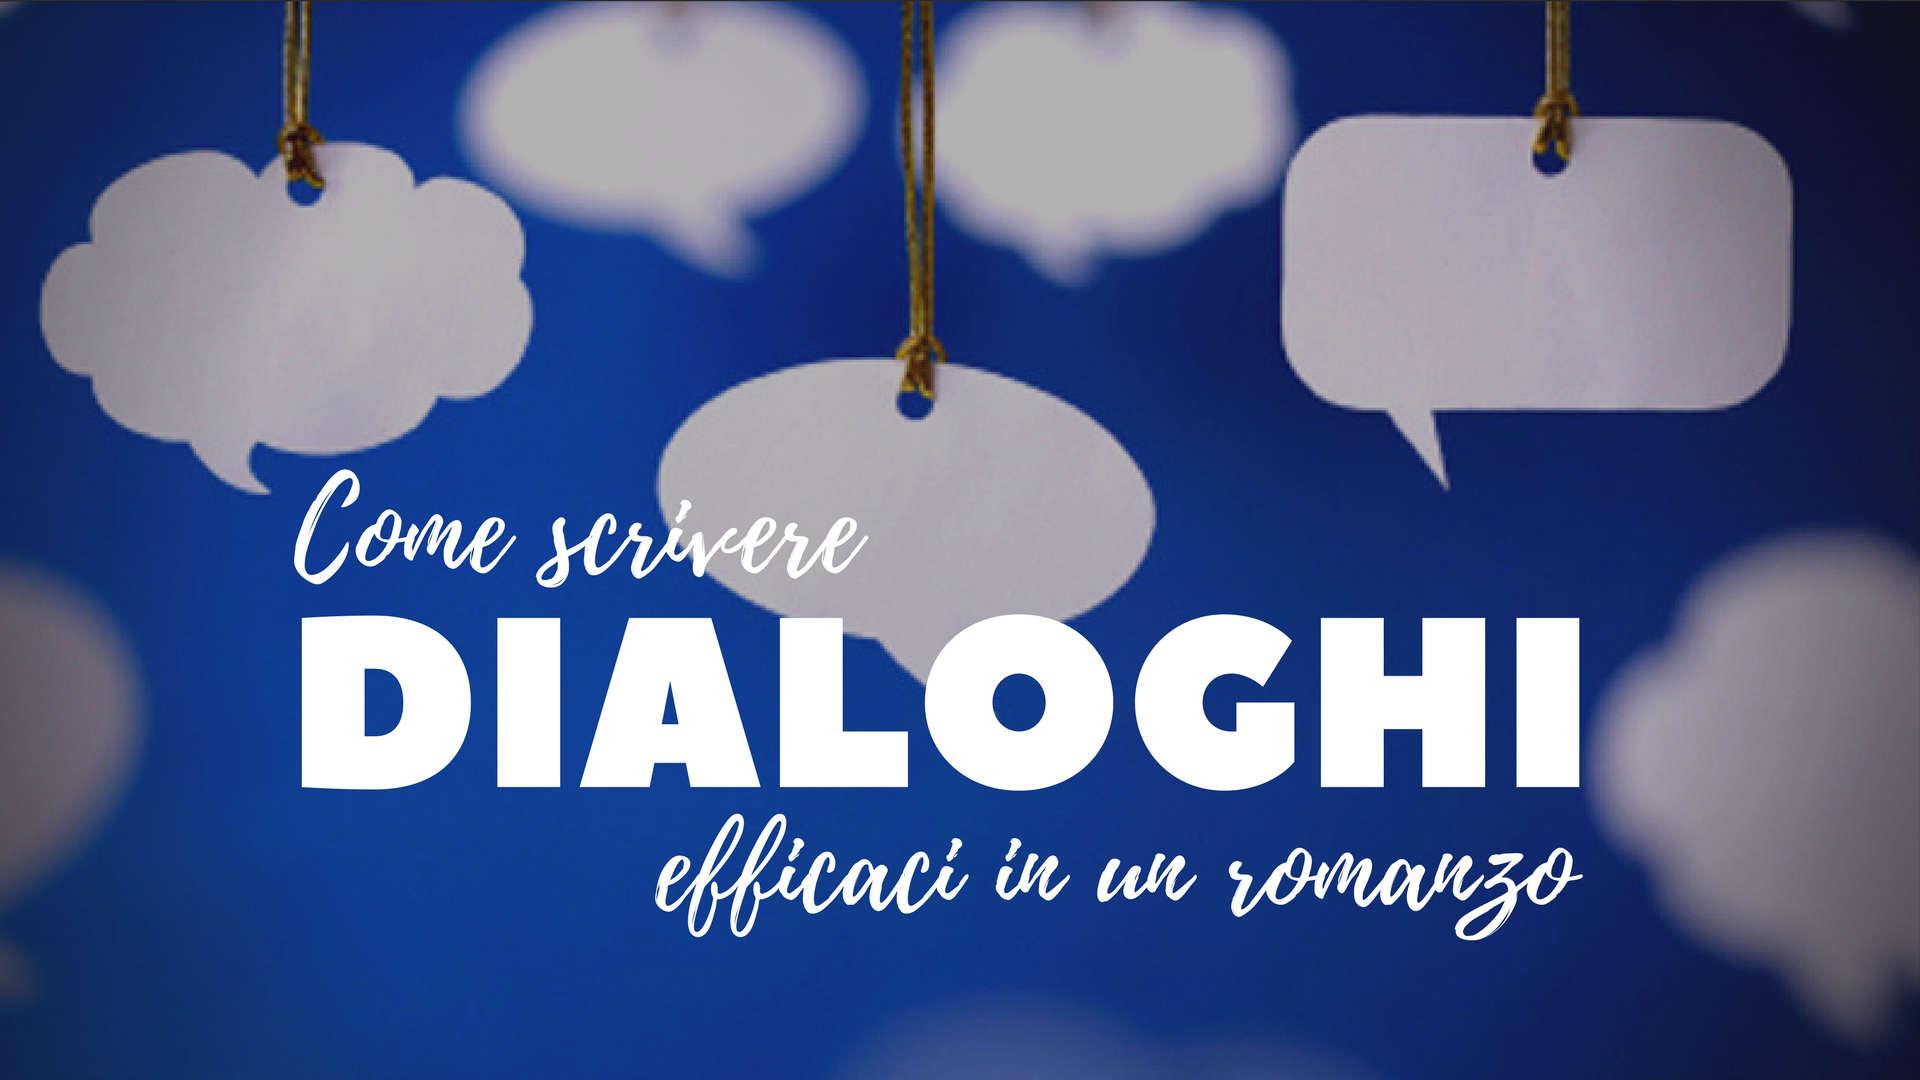 Come scrivere dialoghi efficaci